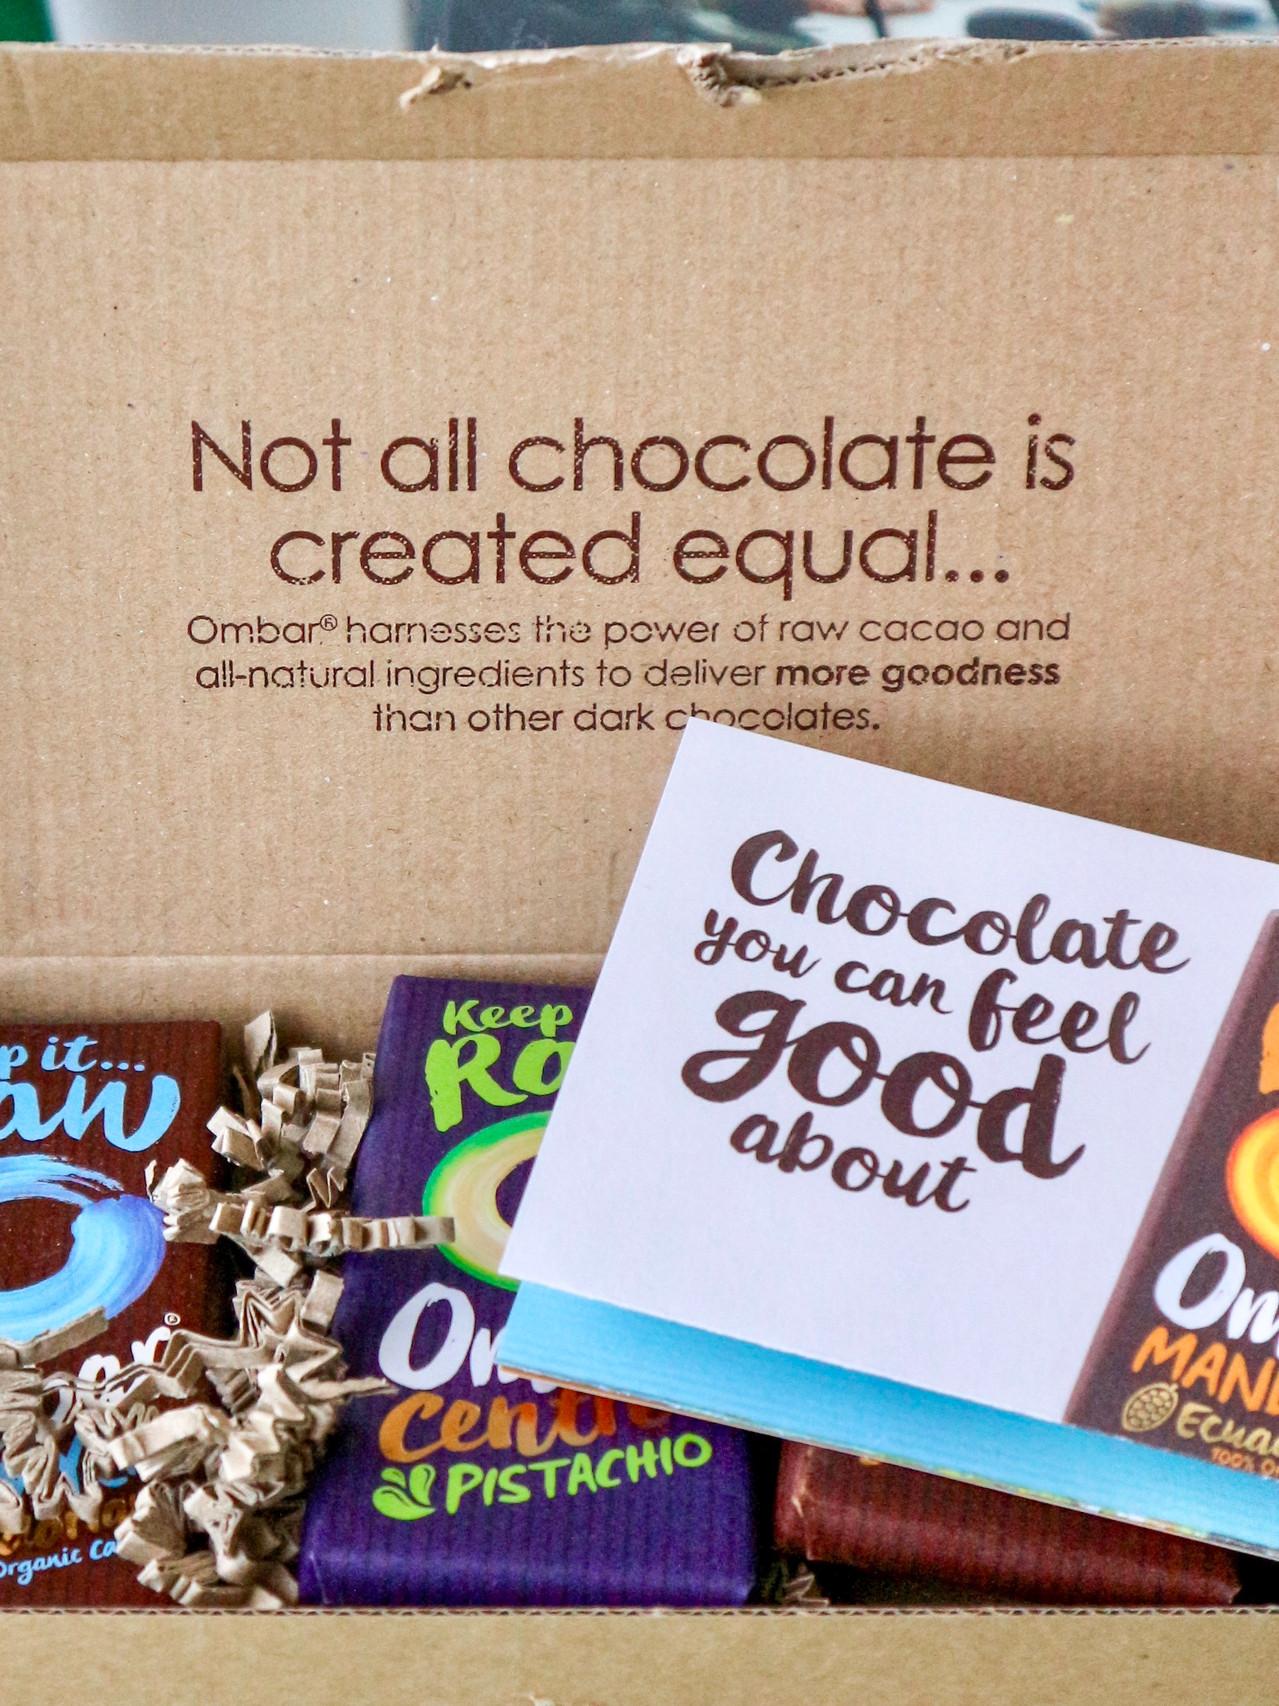 ombar, chocola, fairtrade, biologisch, rauw, vegan, glutenvrij, suikervrij, review, recensie, smaaktest